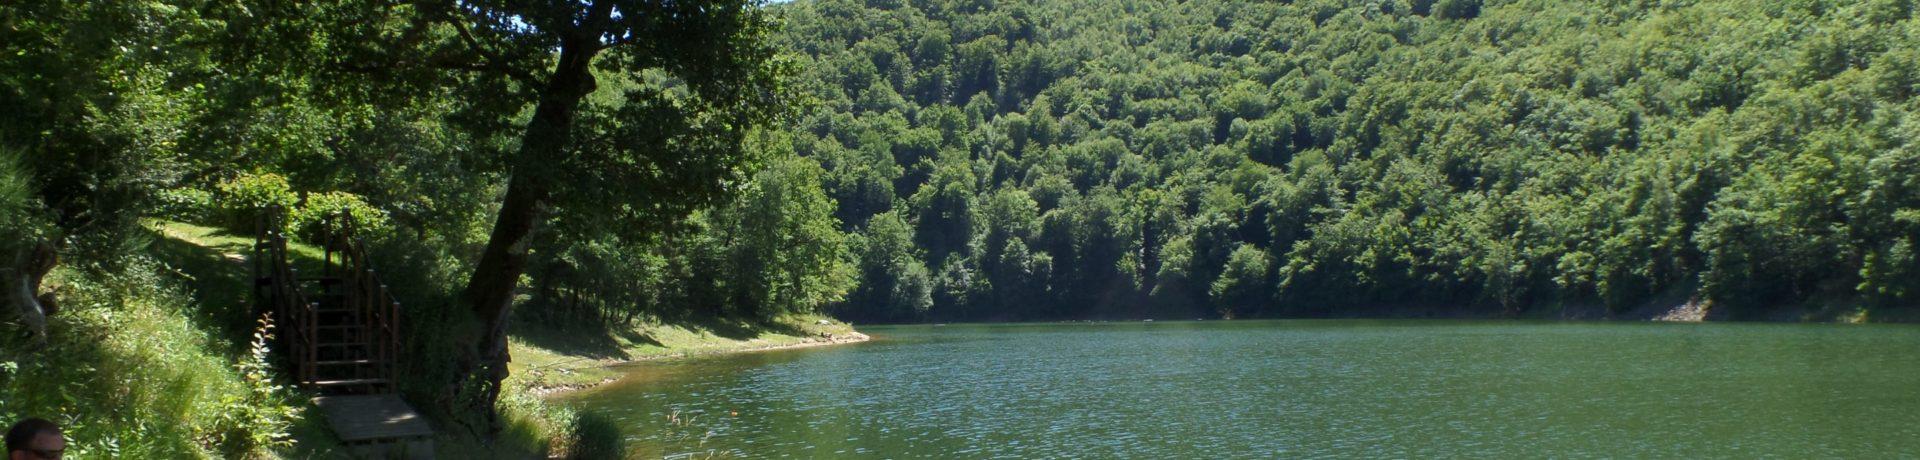 Kleine, gemoedelijke camping in Frankrijk zonder animatie direct gelegen aan een groot meer in de Cantal in het zuiden van de Auvergne.